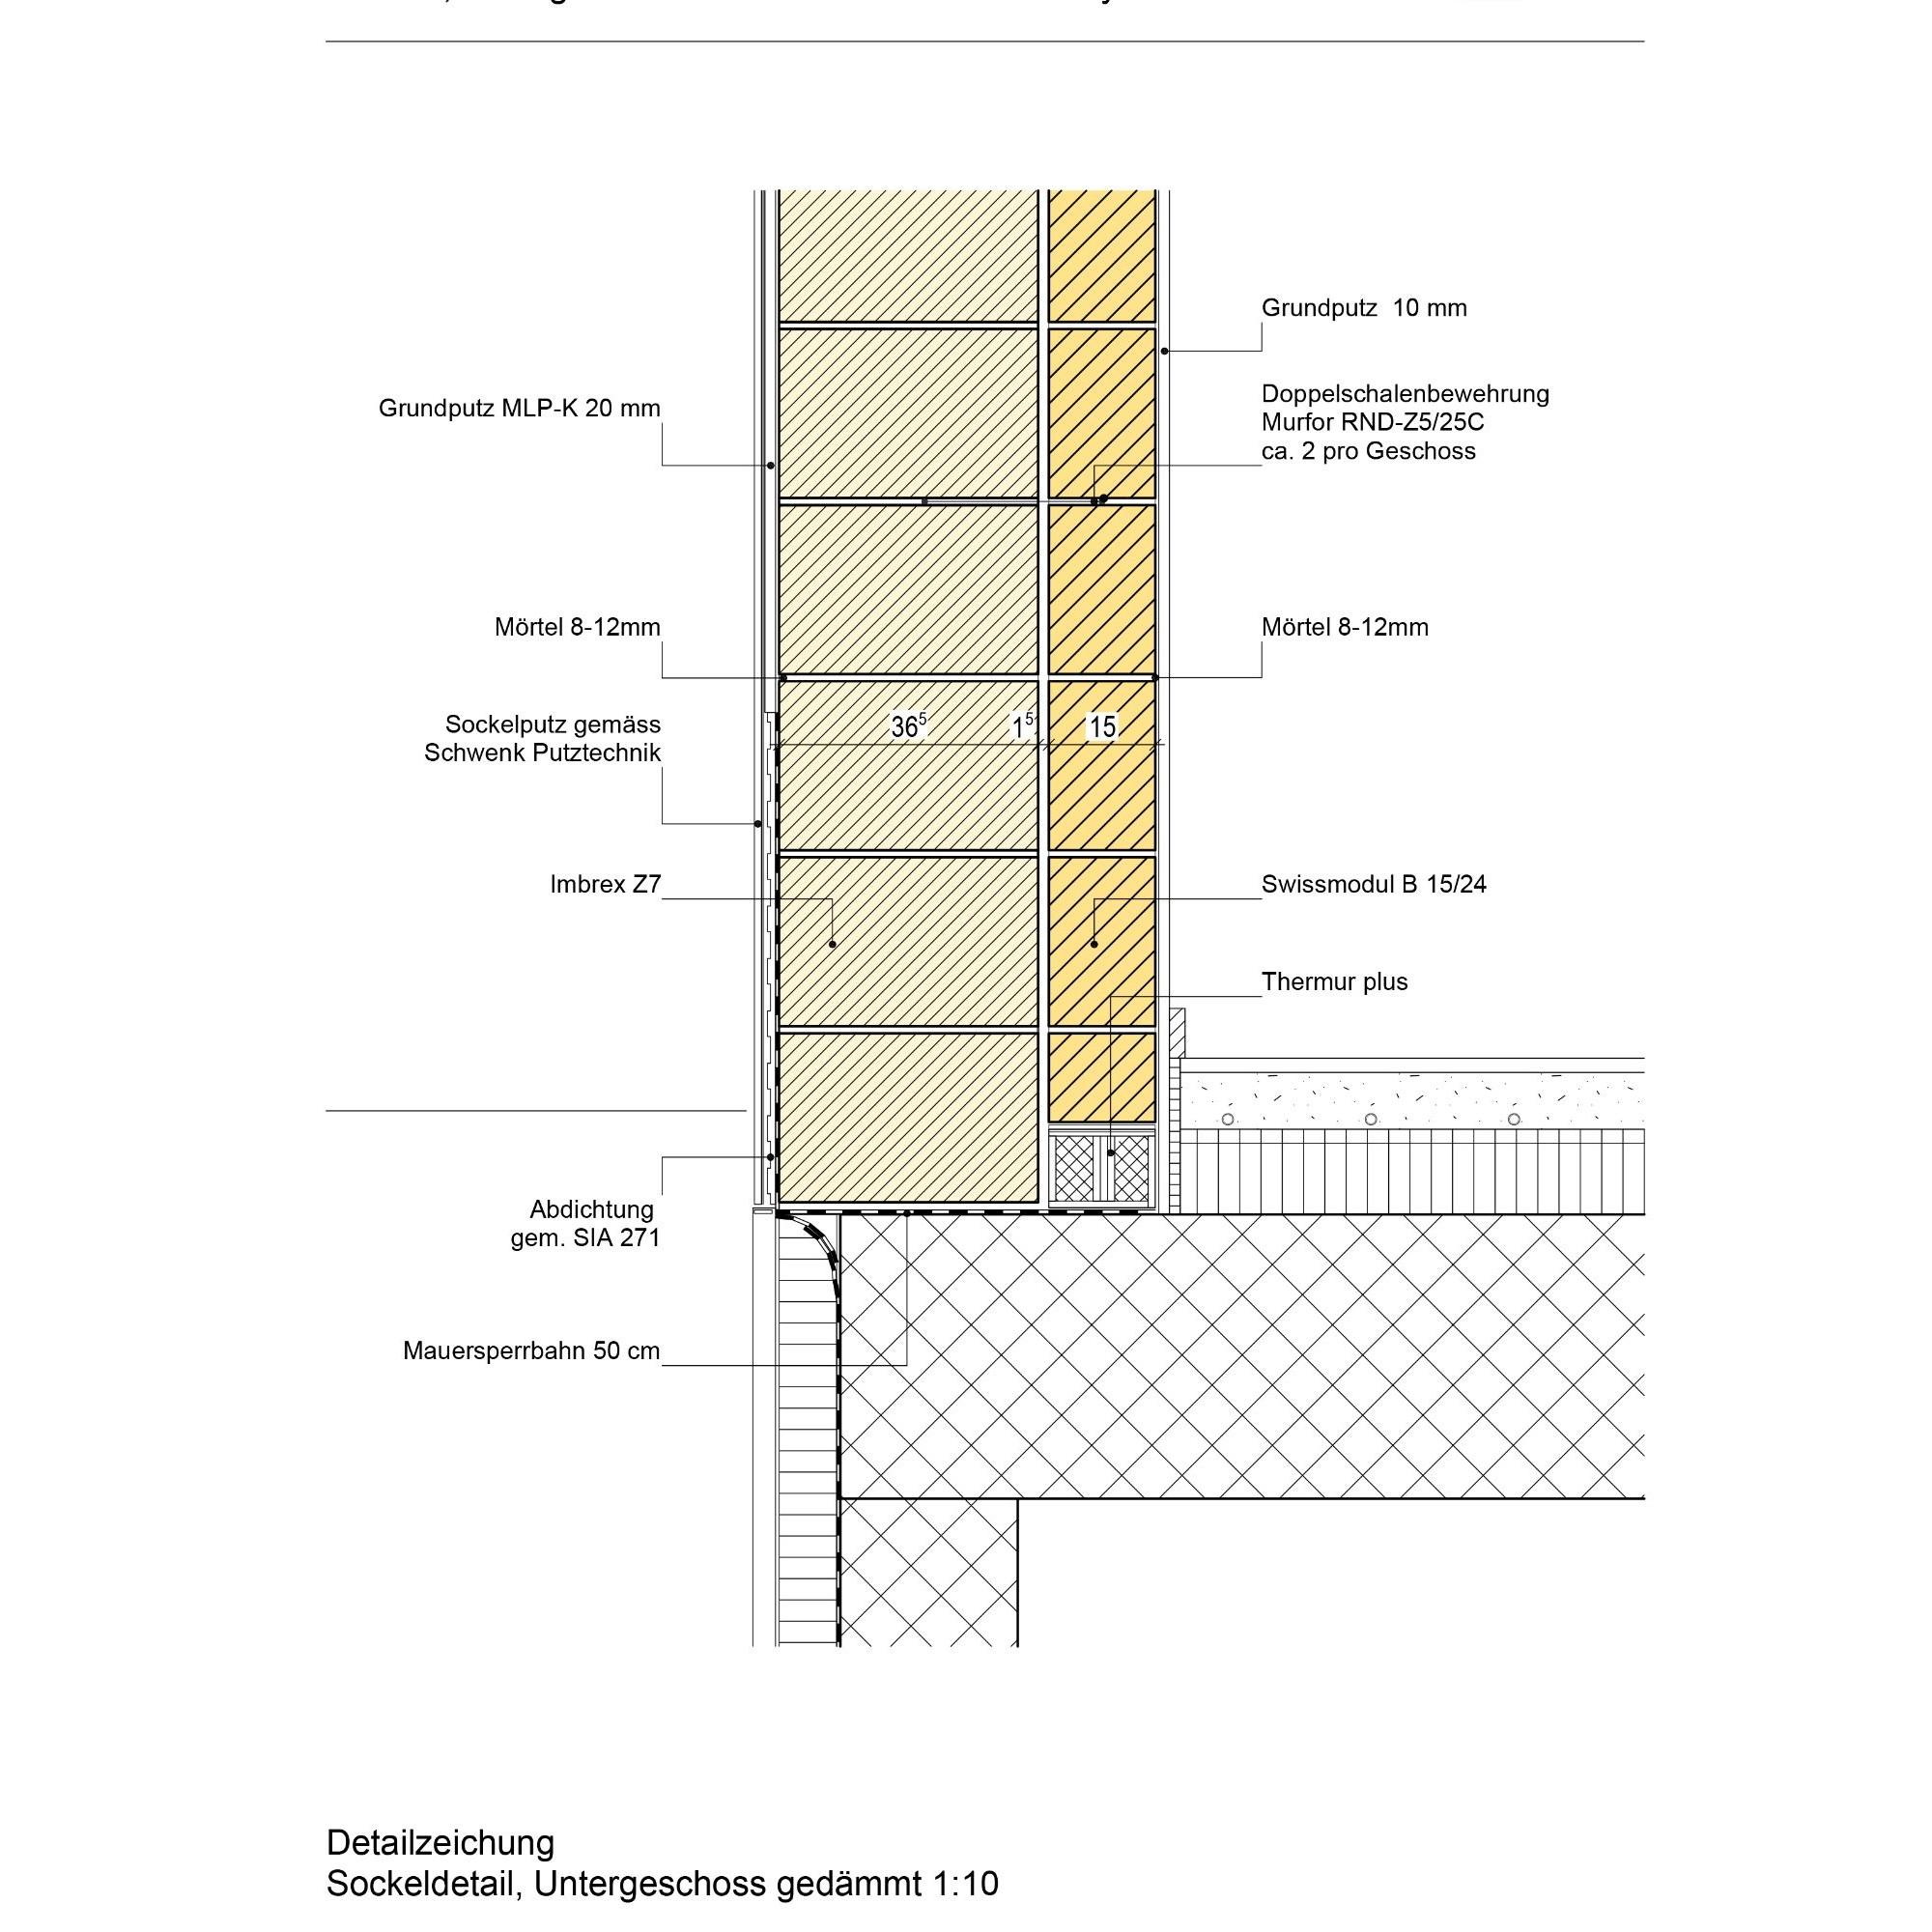 Sockeldetail, schematische Darstellung.